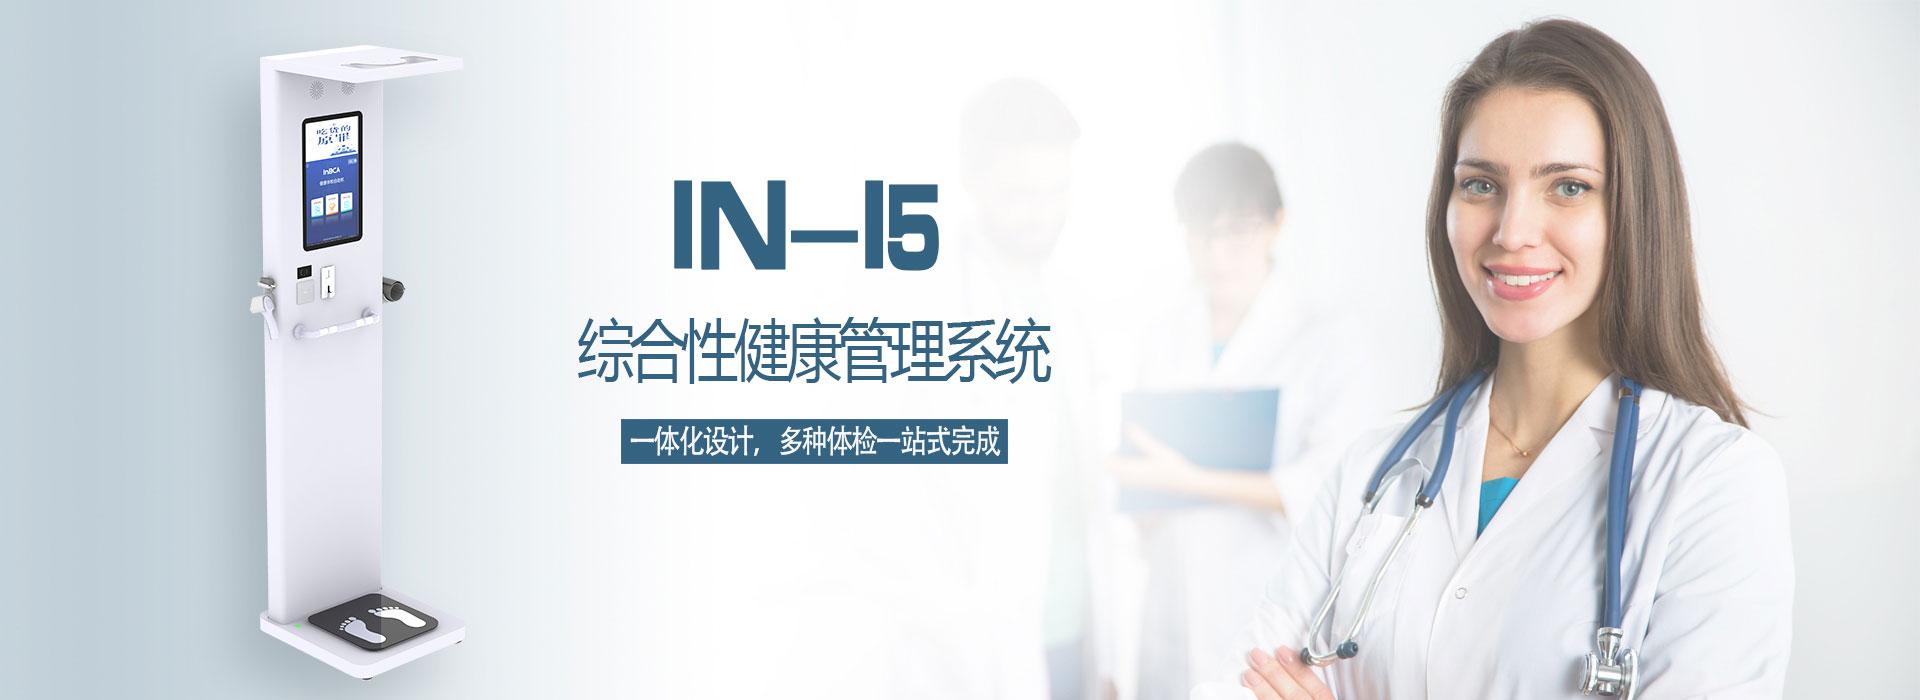 ad-cn-4